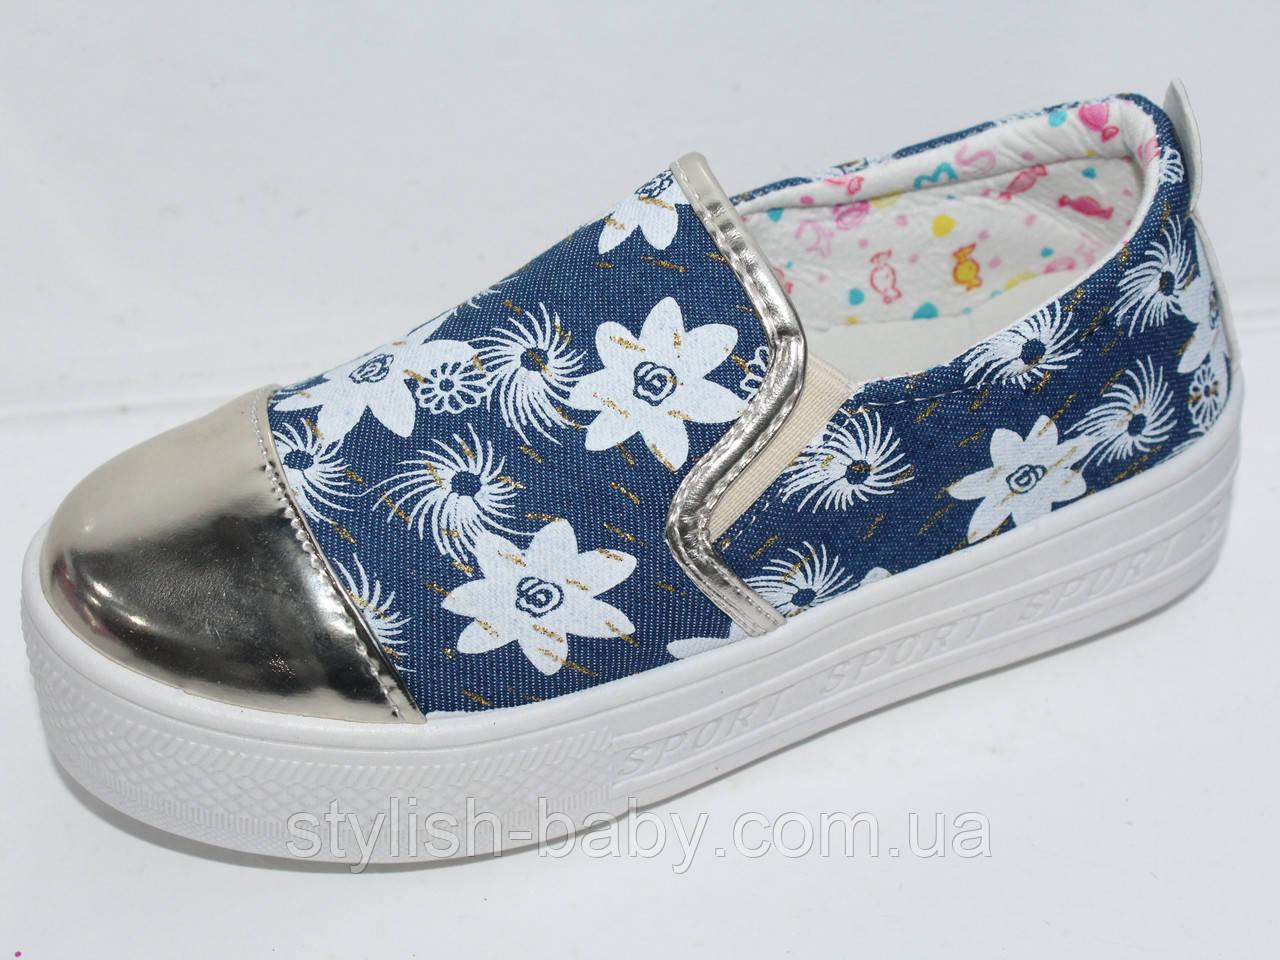 Детская спортивная обувь. Детские кеды - слипоны бренда С.Луч для девочек (рр. с 33 по 38)